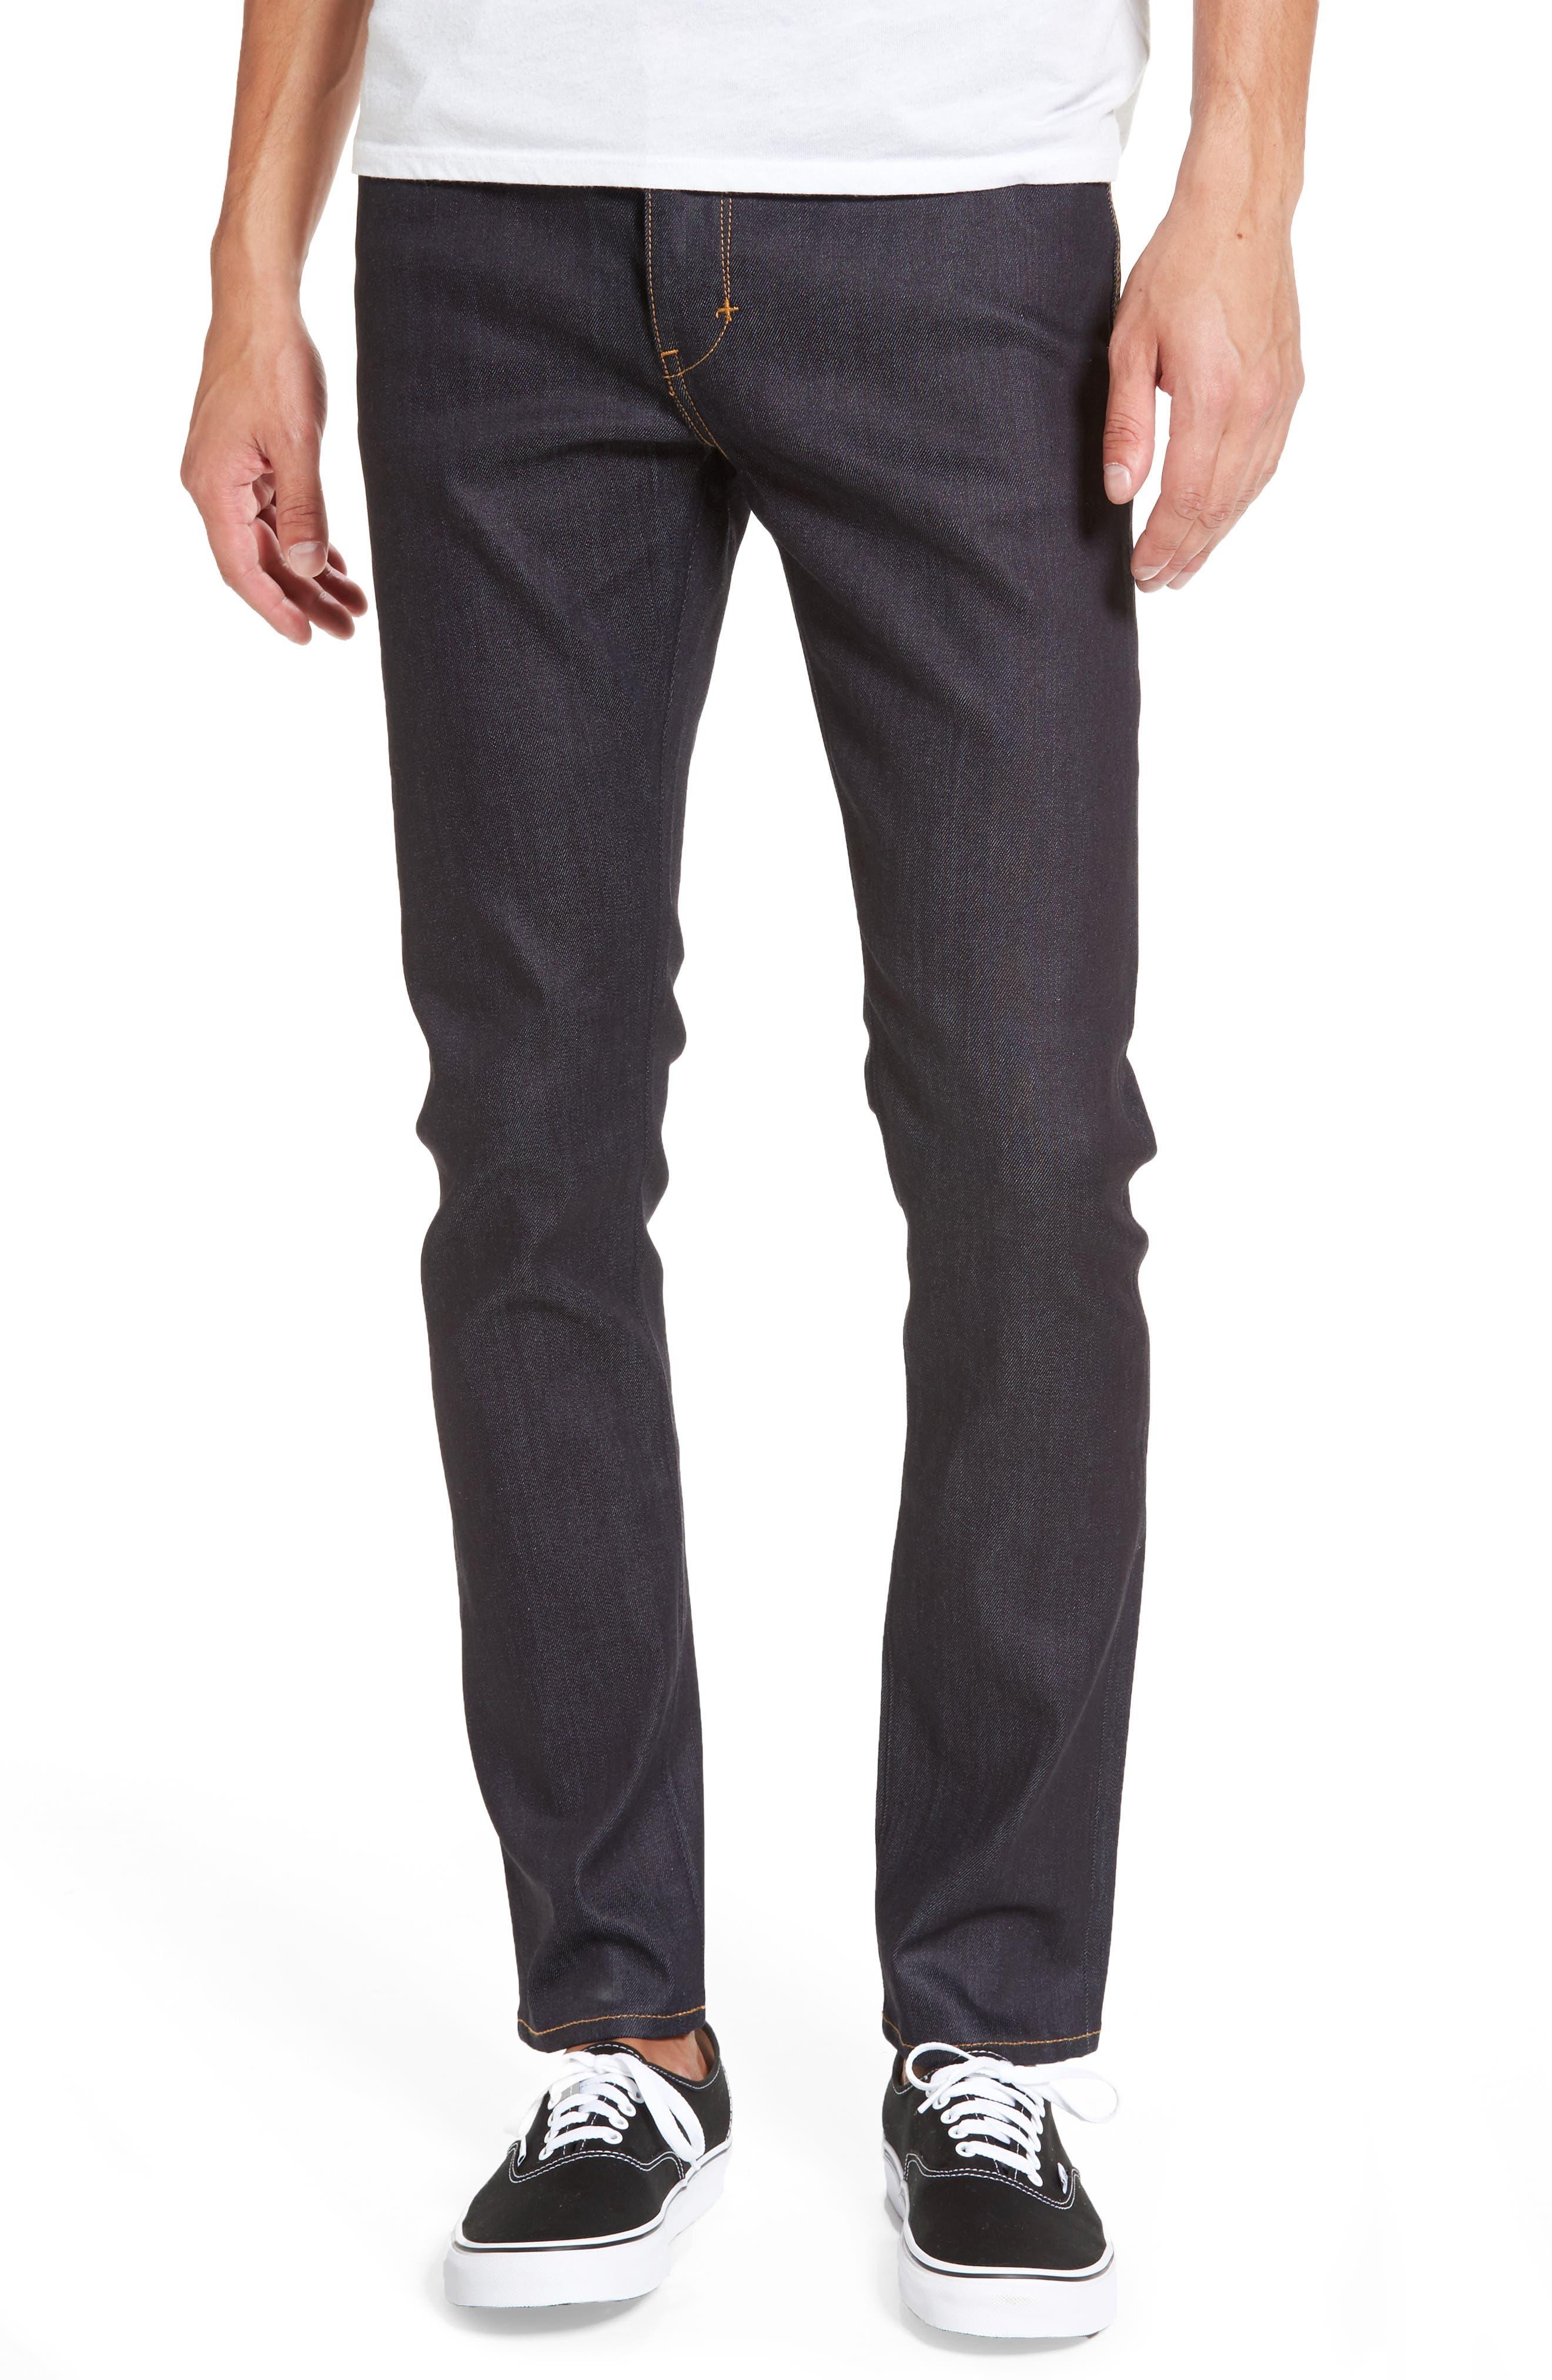 Main Image - Neuw Iggy Skinny Jeans (Raw Stretch)